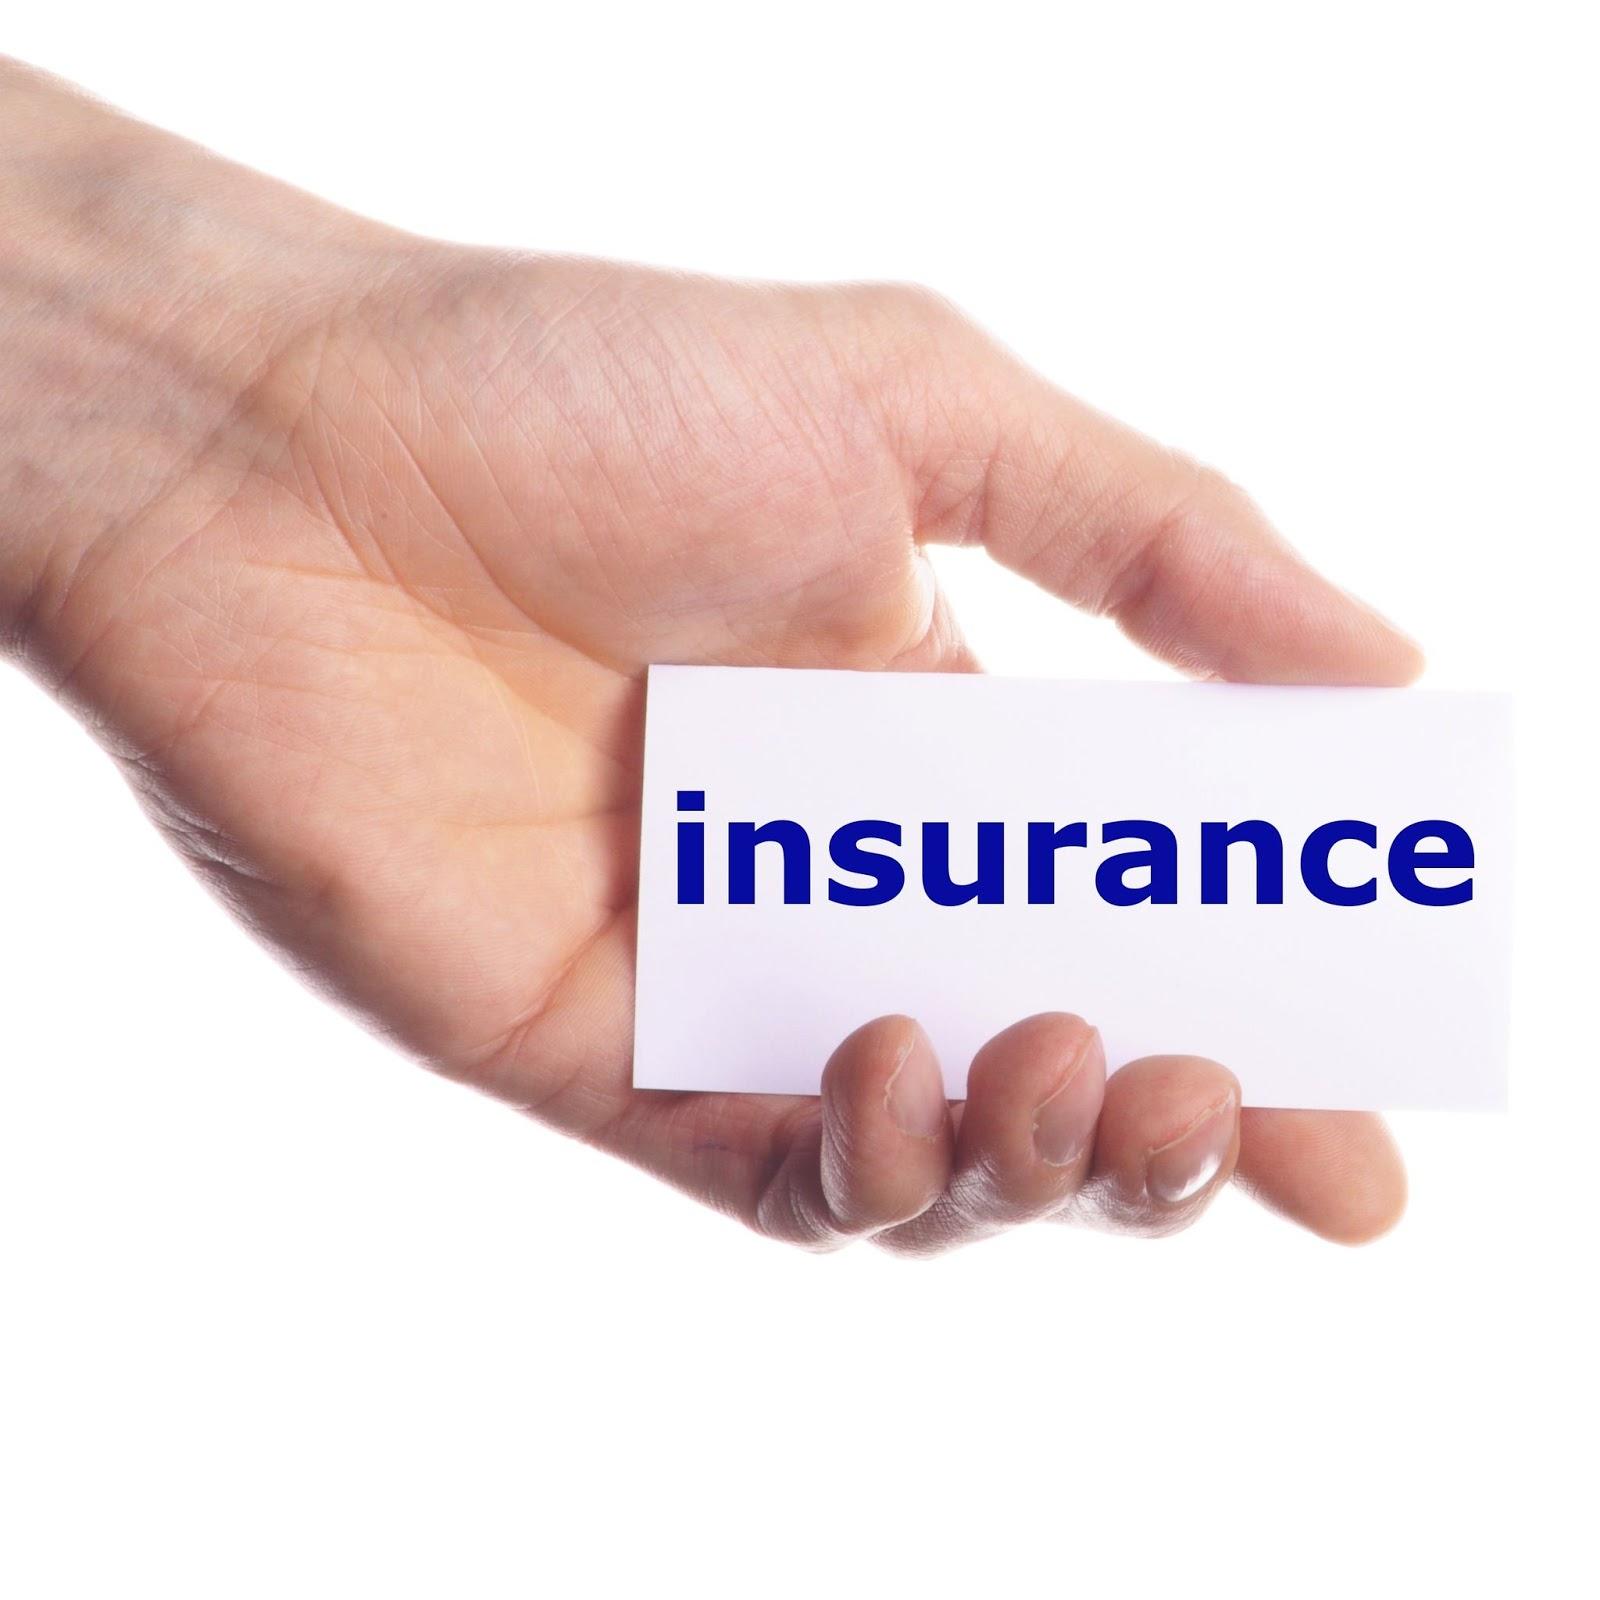 insurance+5b.jpg